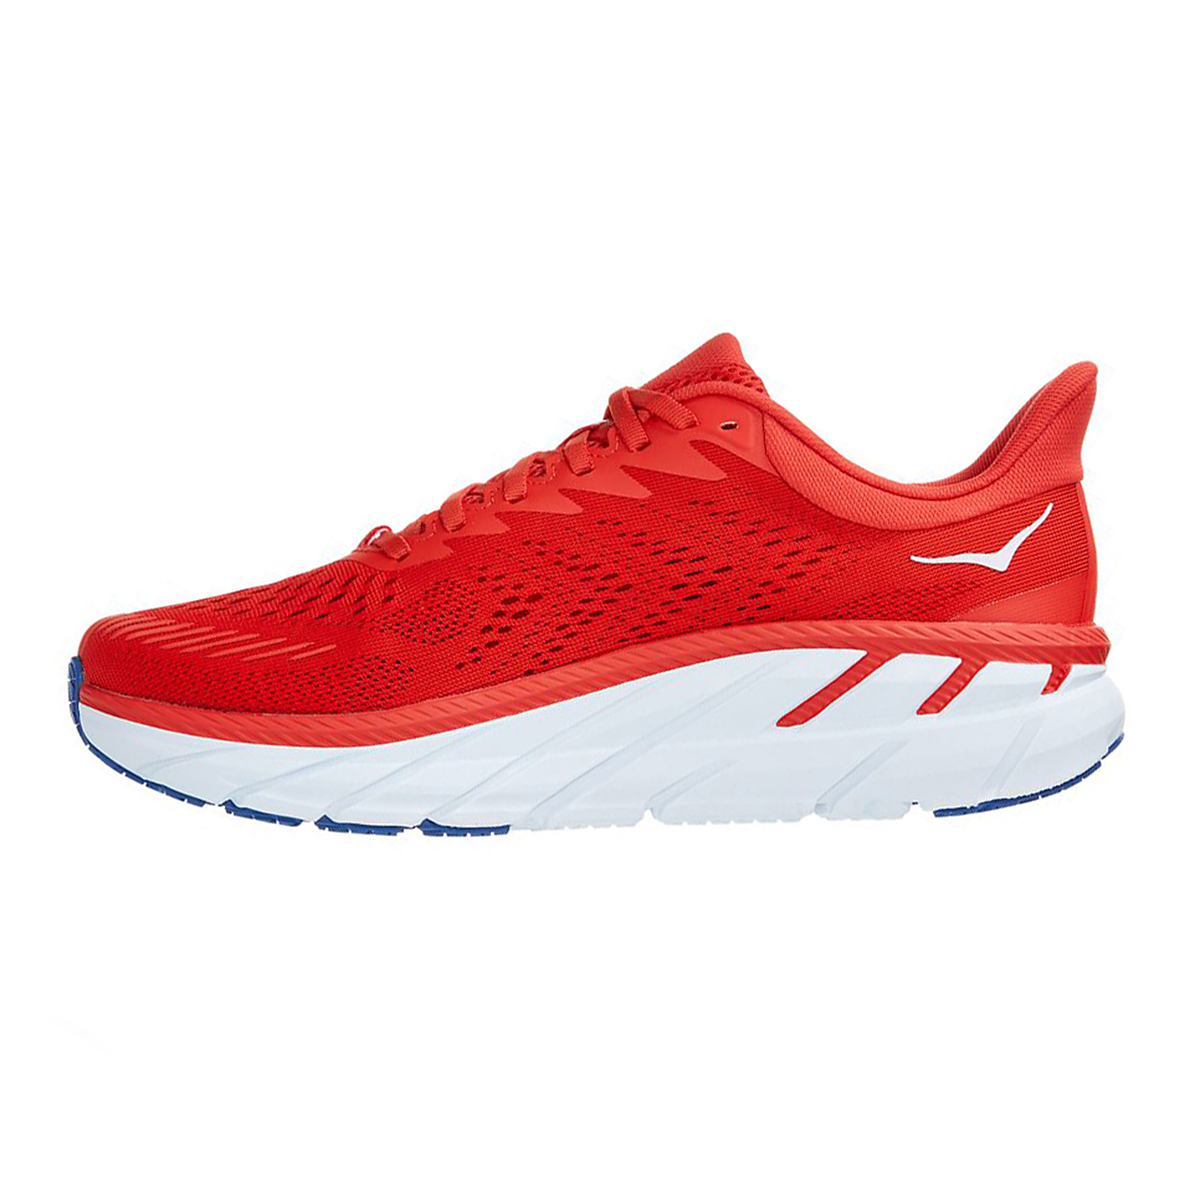 Men's Hoka One One Clifton 7 Running Shoe, , large, image 2